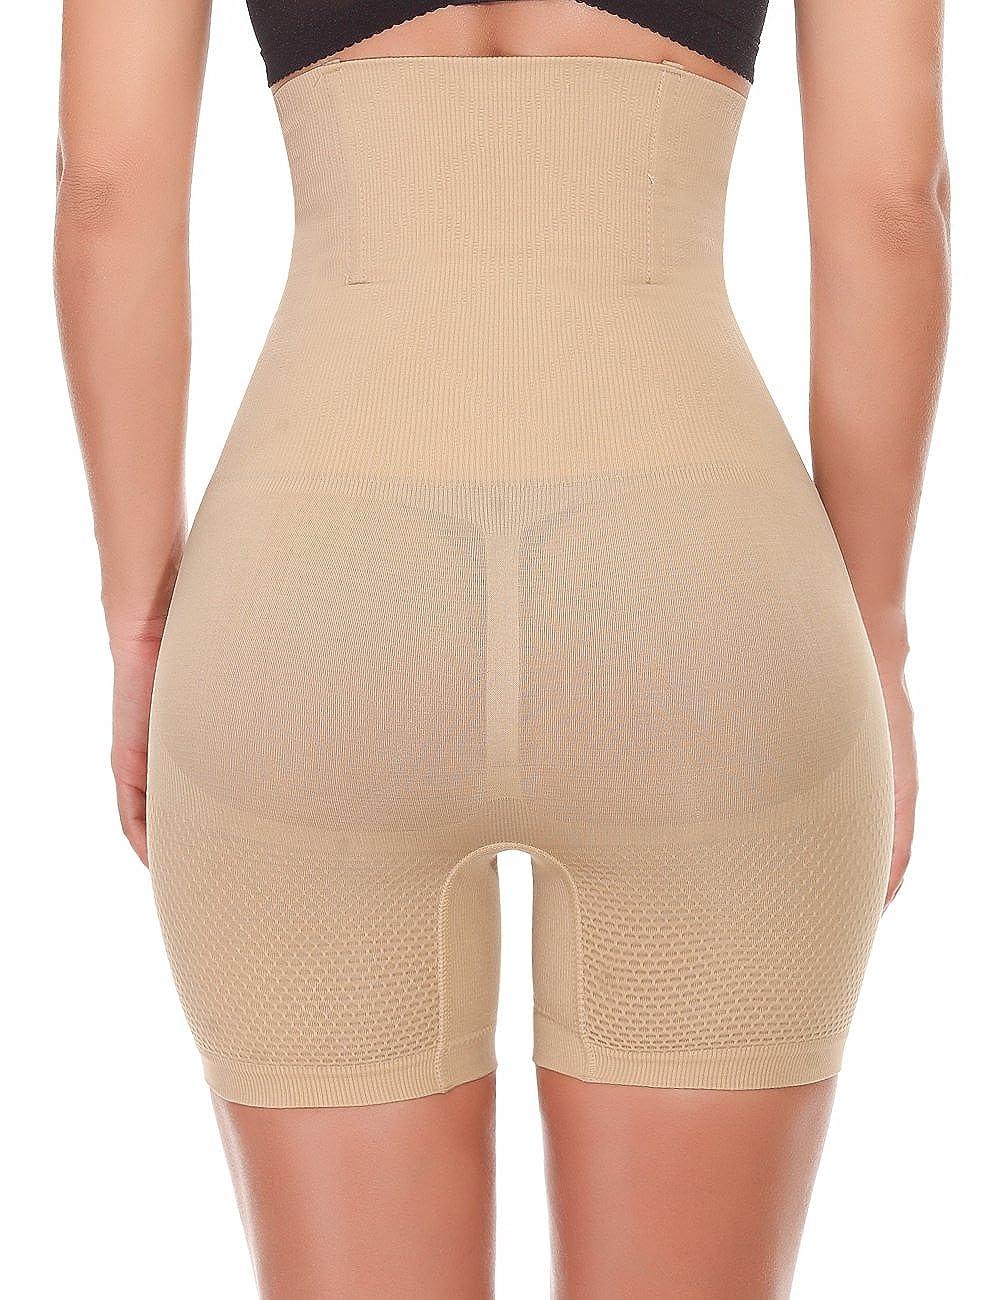 LANFEI Womens High Waist Shapewear Short Tummy Firm Control Butt Lifter Panties